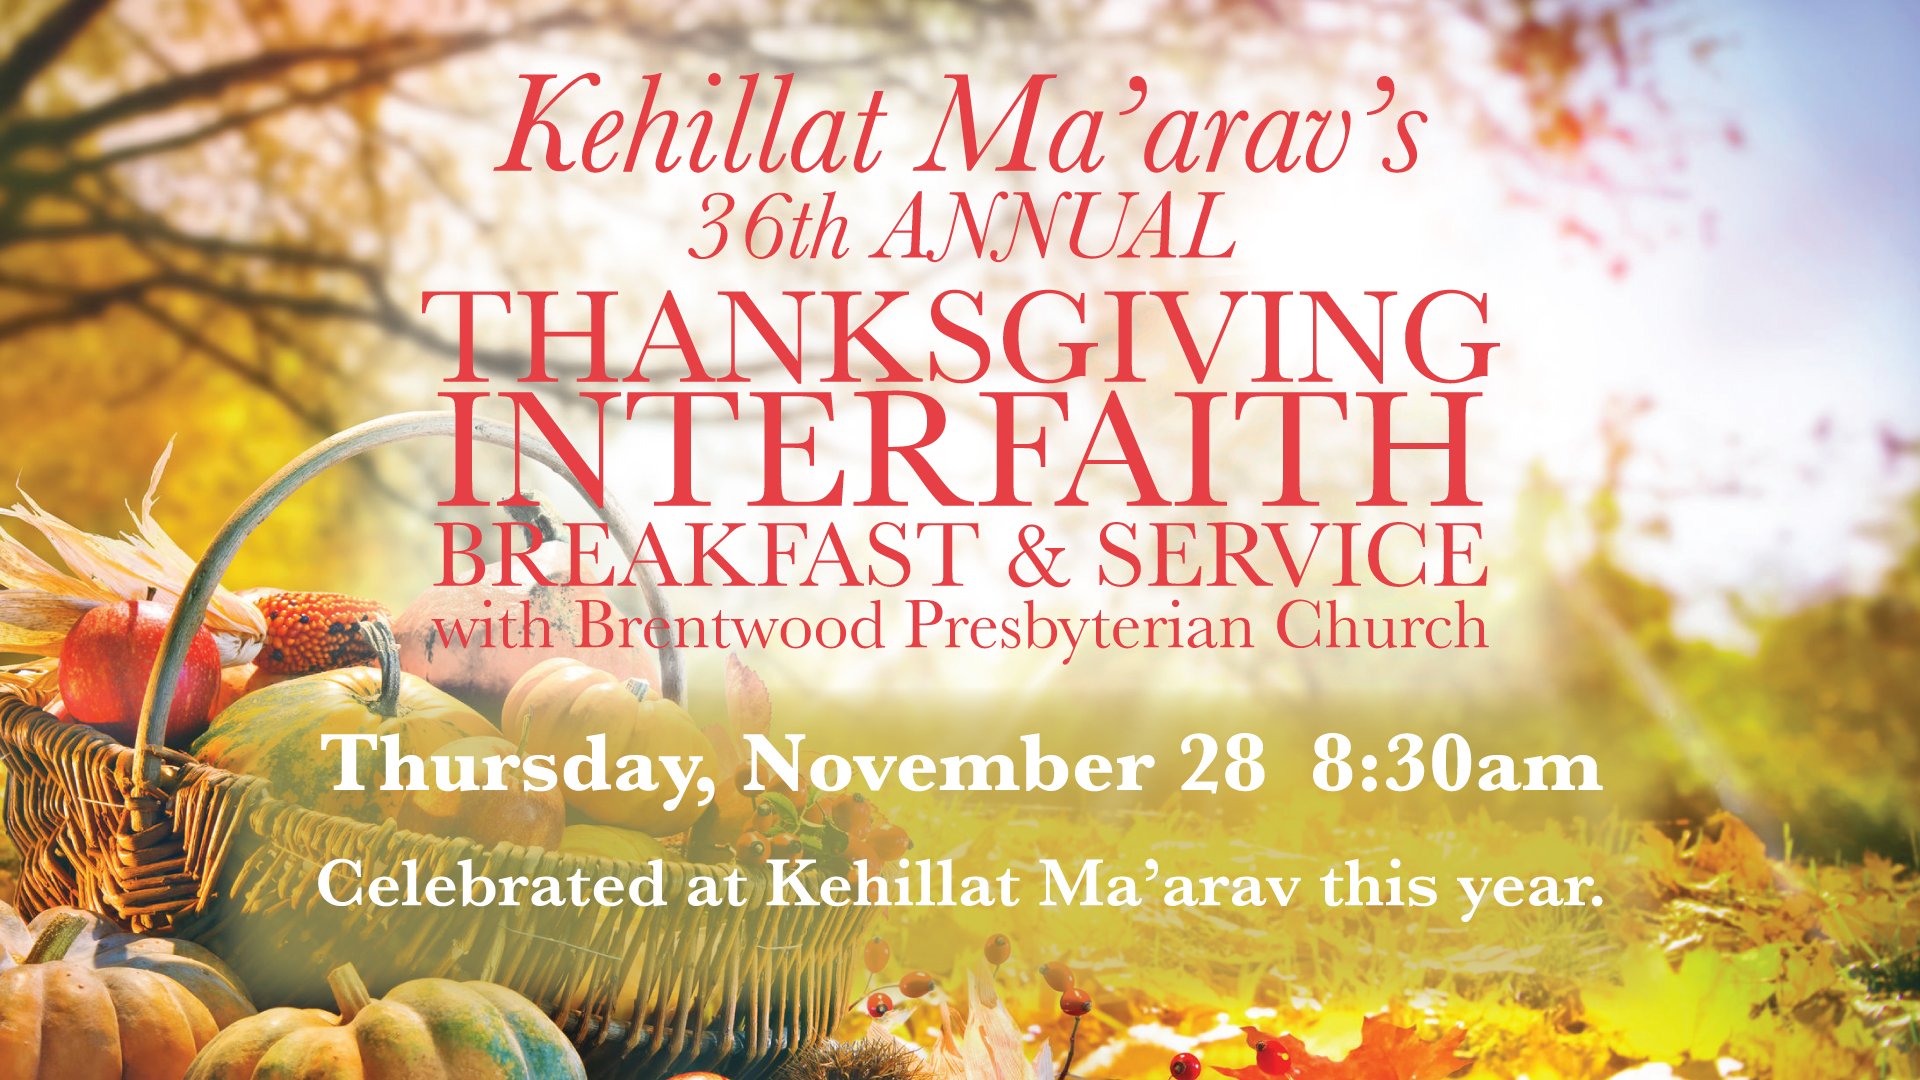 Thanksgiving Interfaith Breakfast & Service